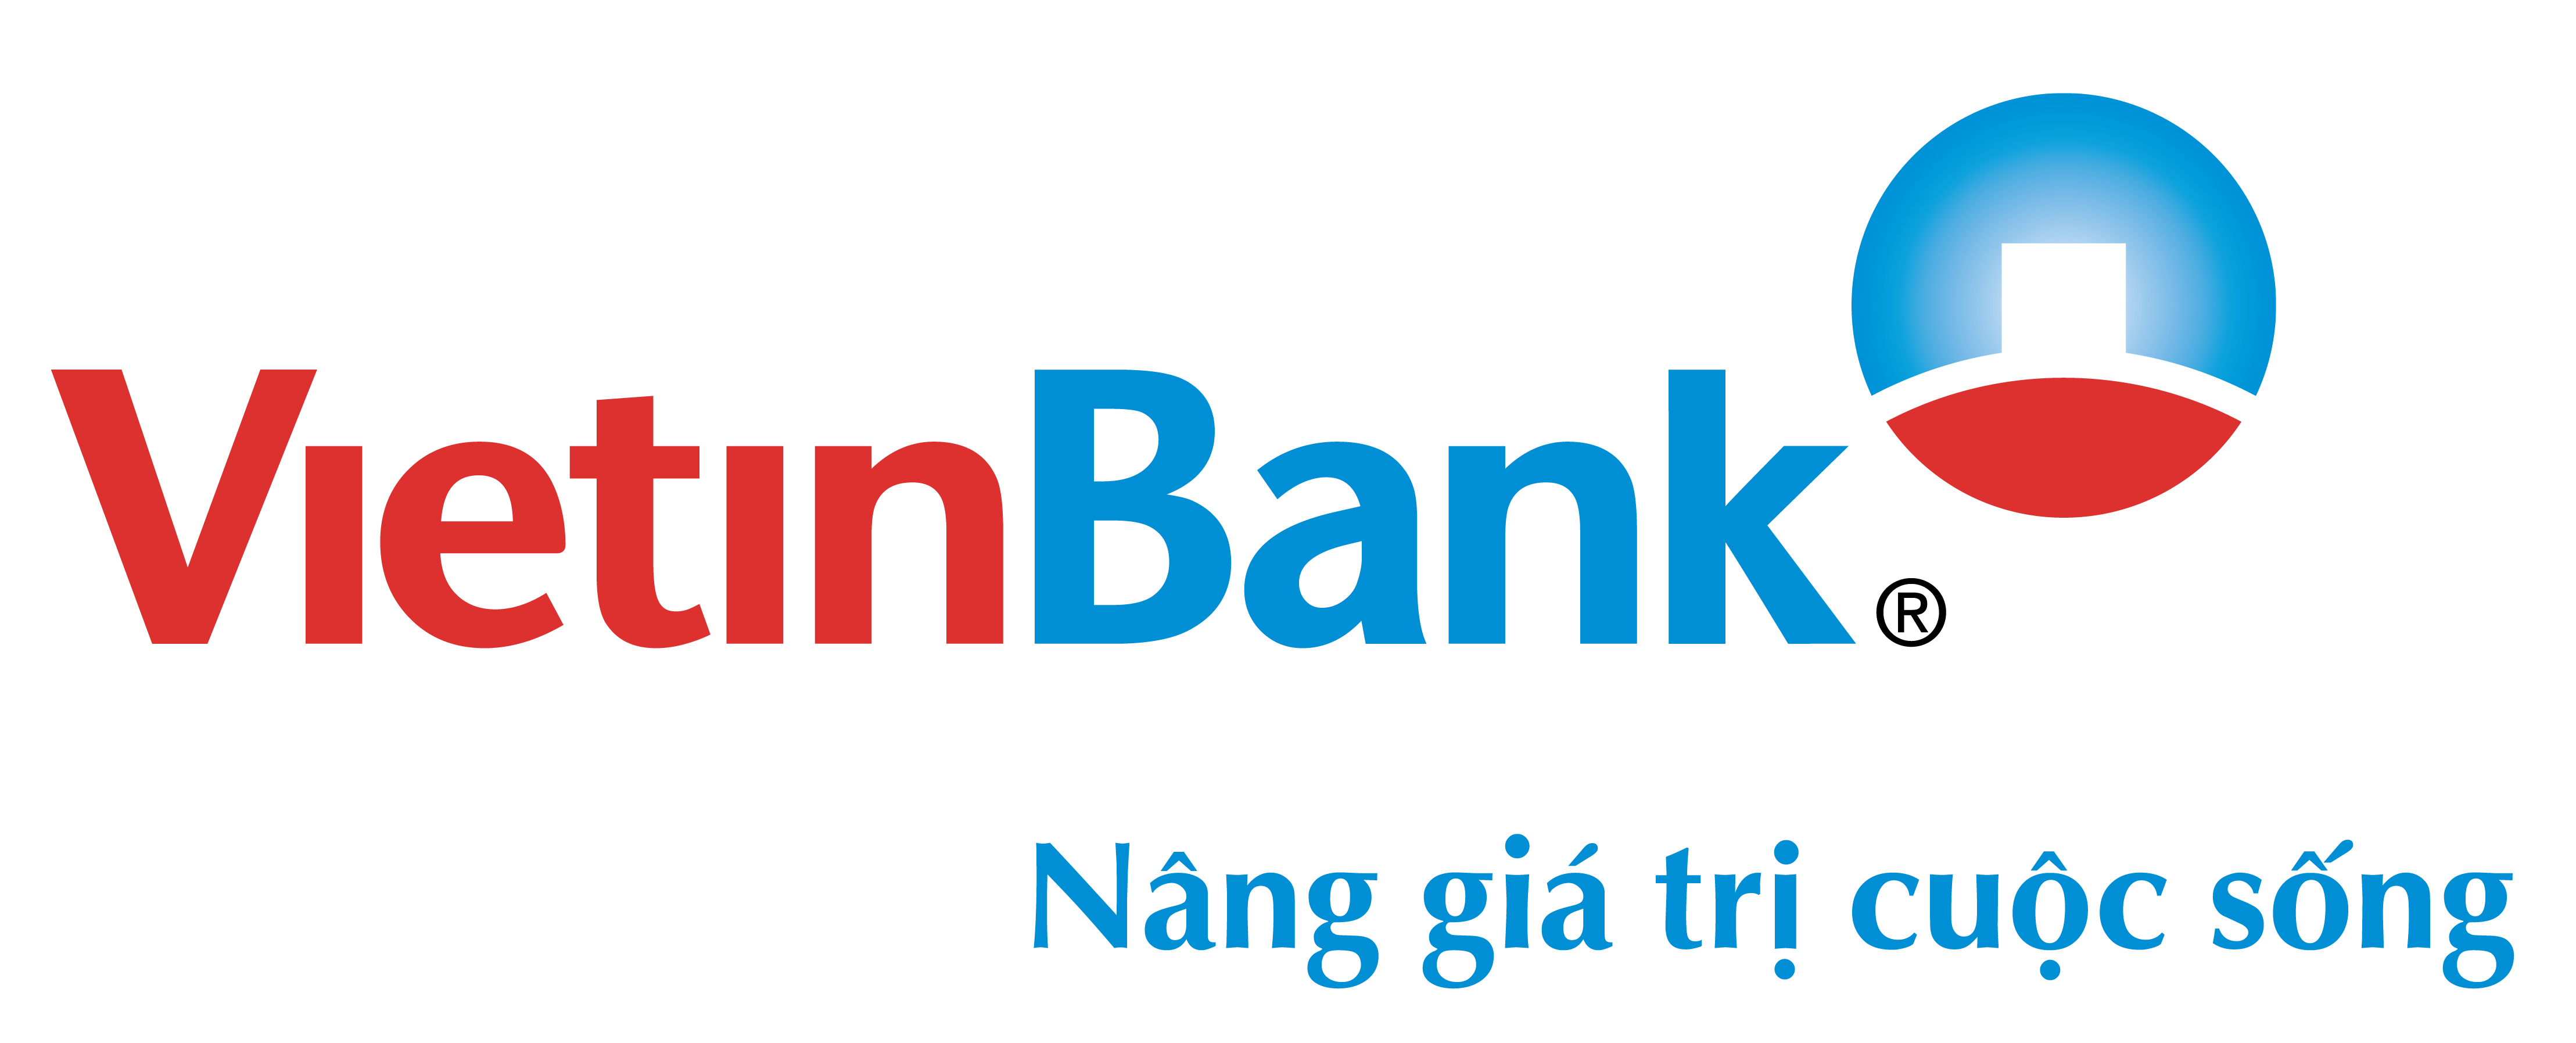 vietinbank_viettinbank_logo_01